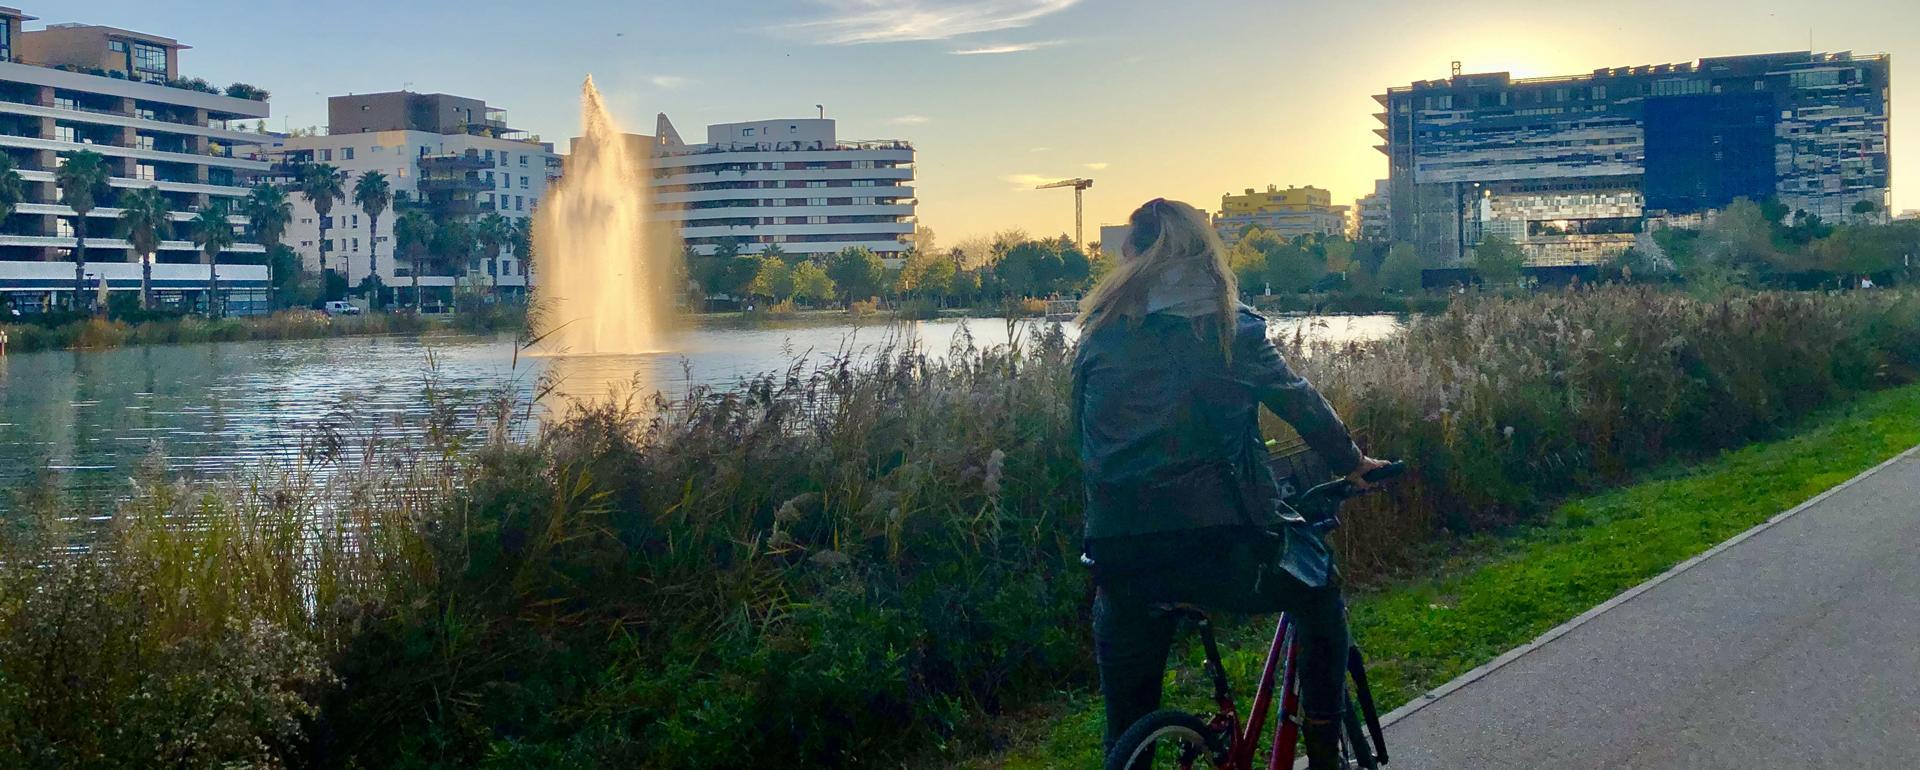 Vélo bassin Jacques Coeur Montpellier